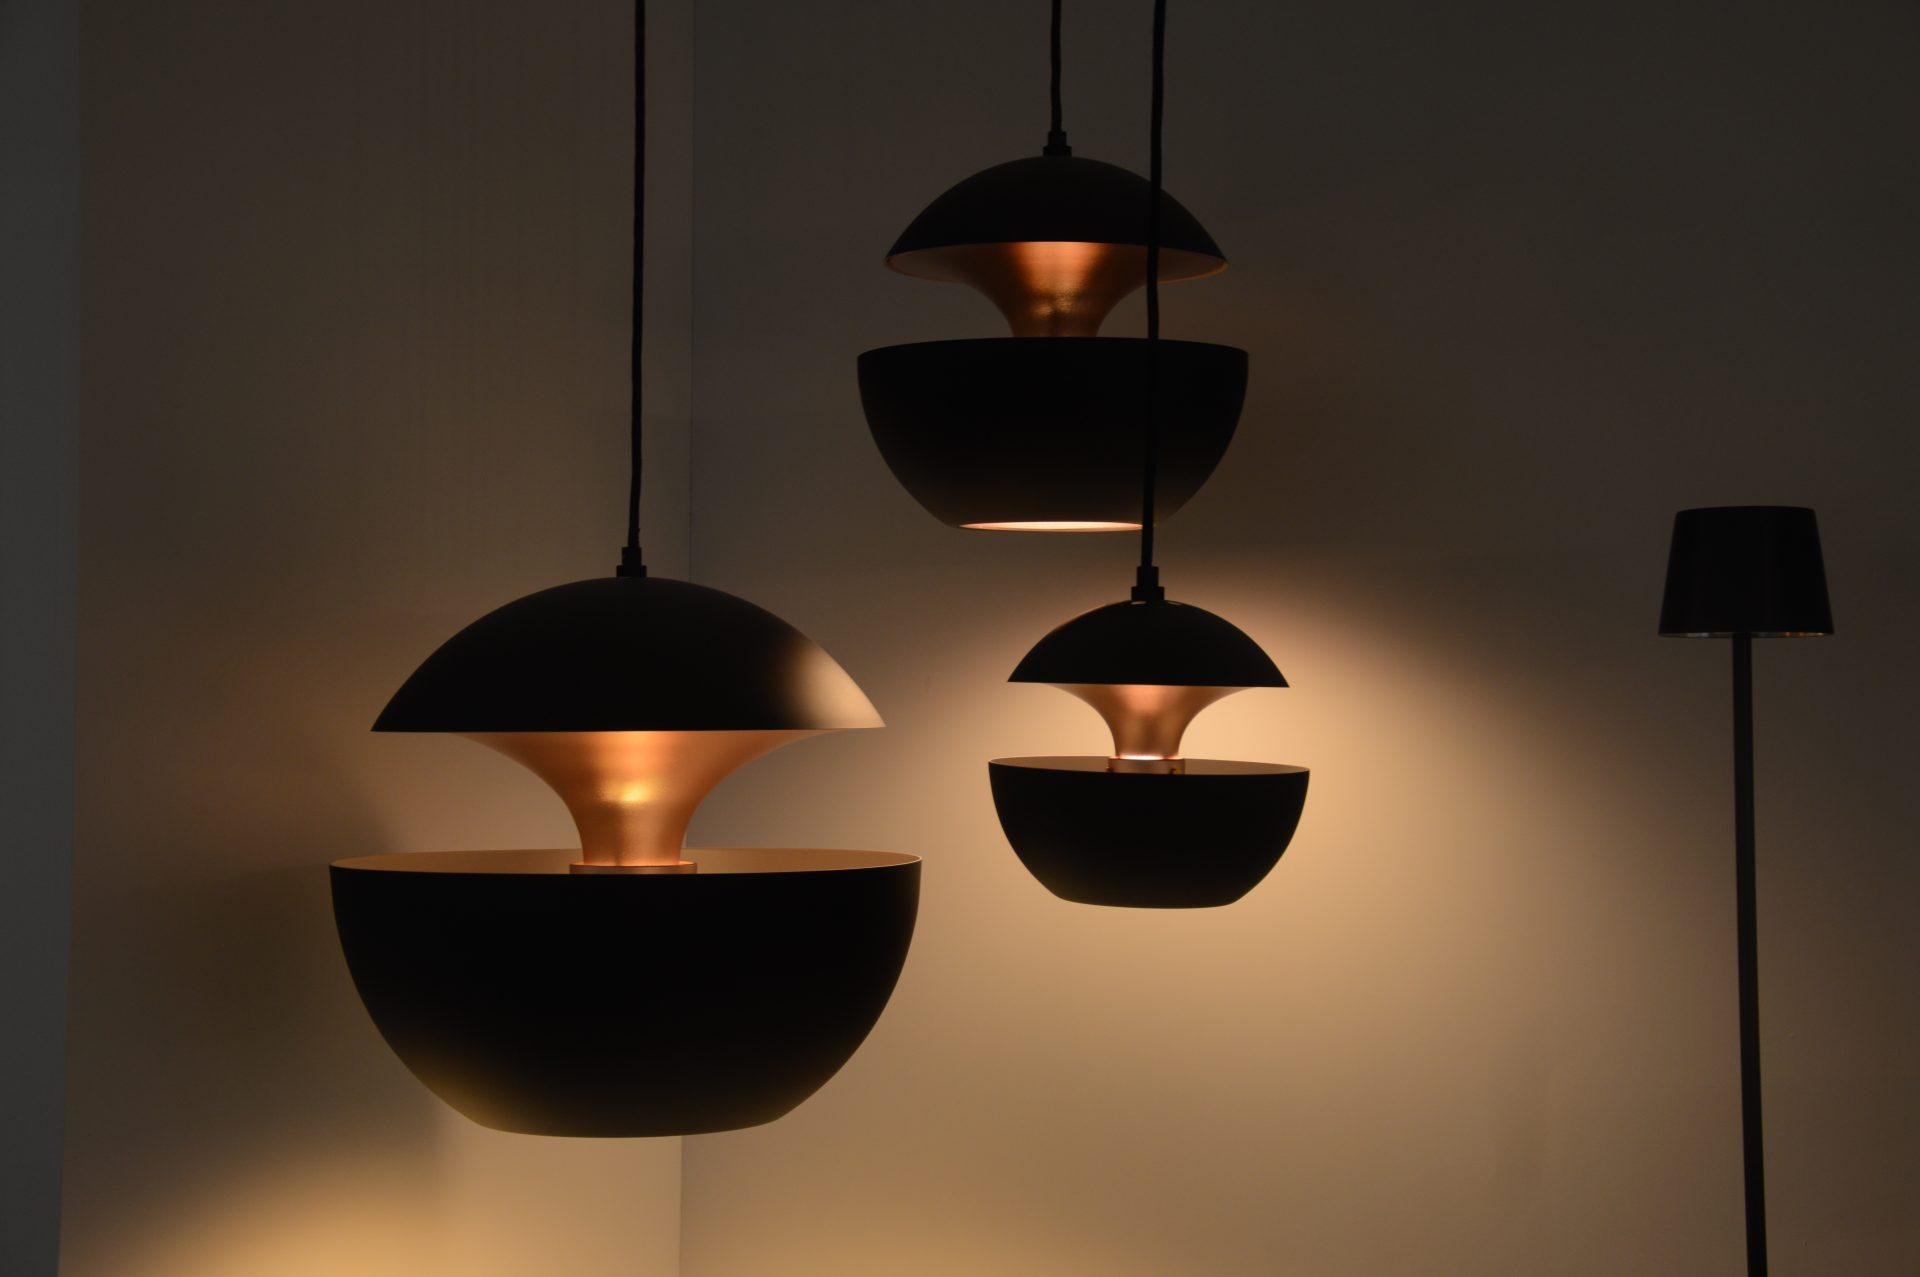 hanglampen bogaard lichtdesign elektra. Black Bedroom Furniture Sets. Home Design Ideas